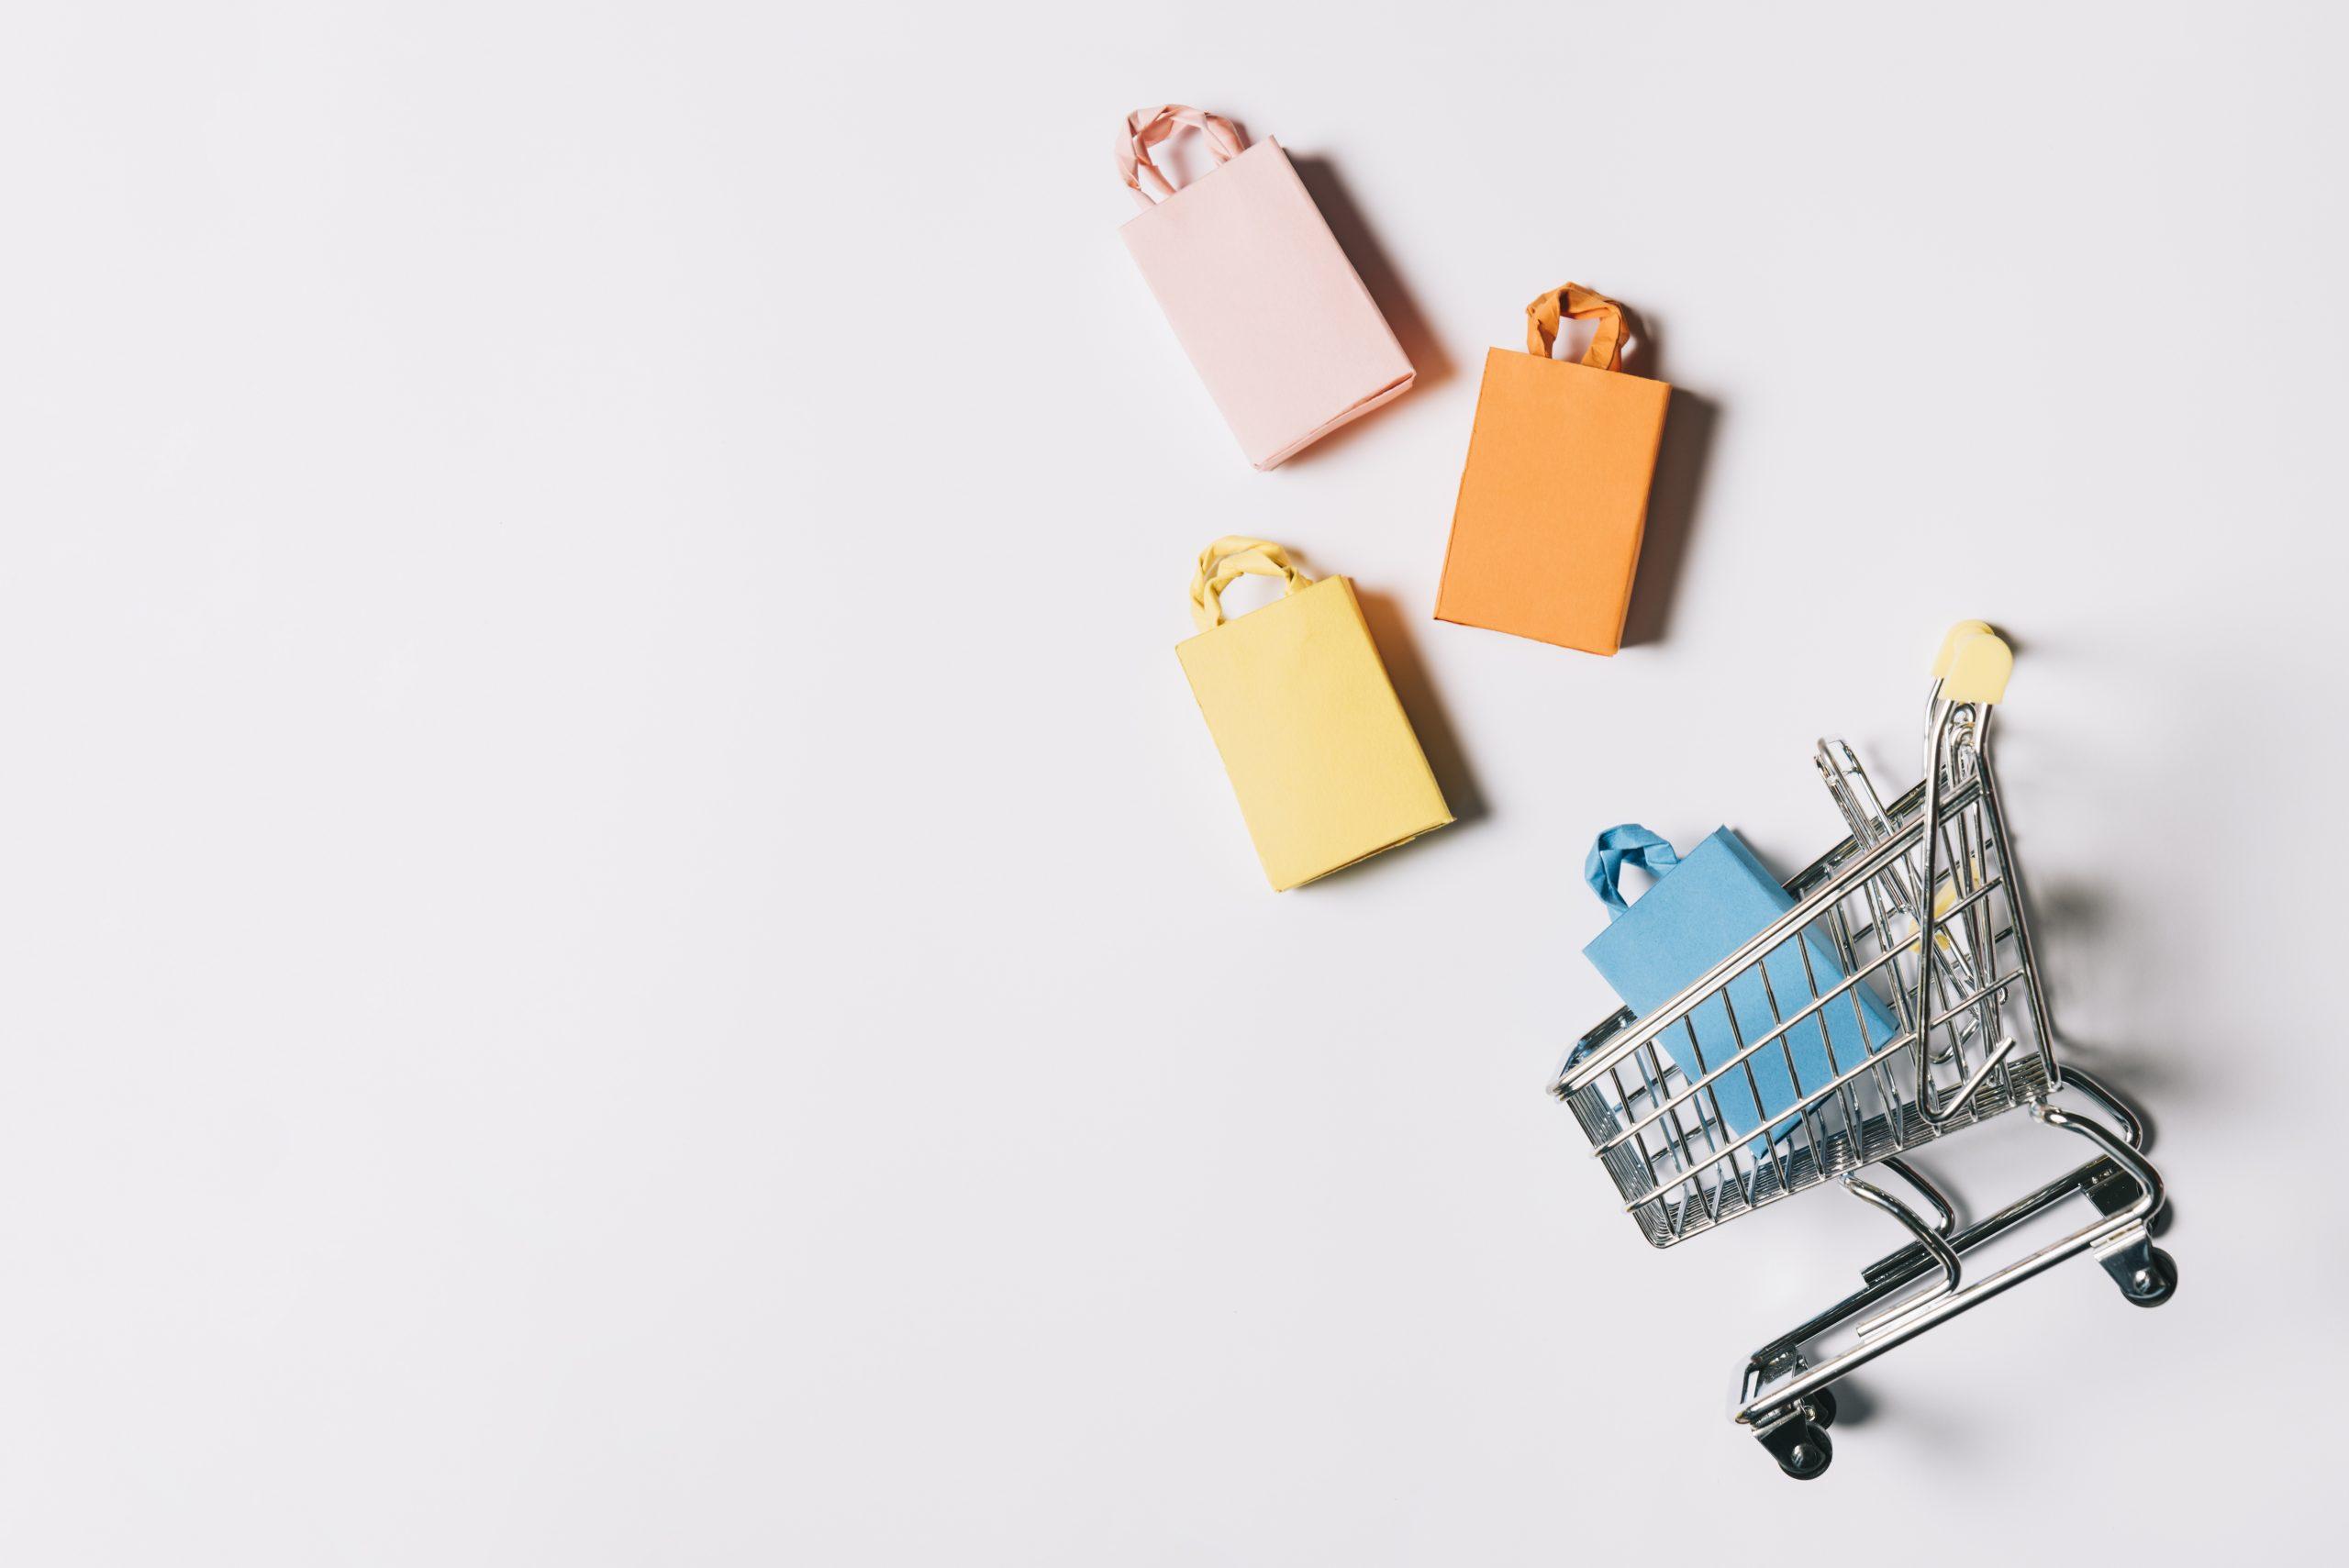 cele mai vândute produse în online